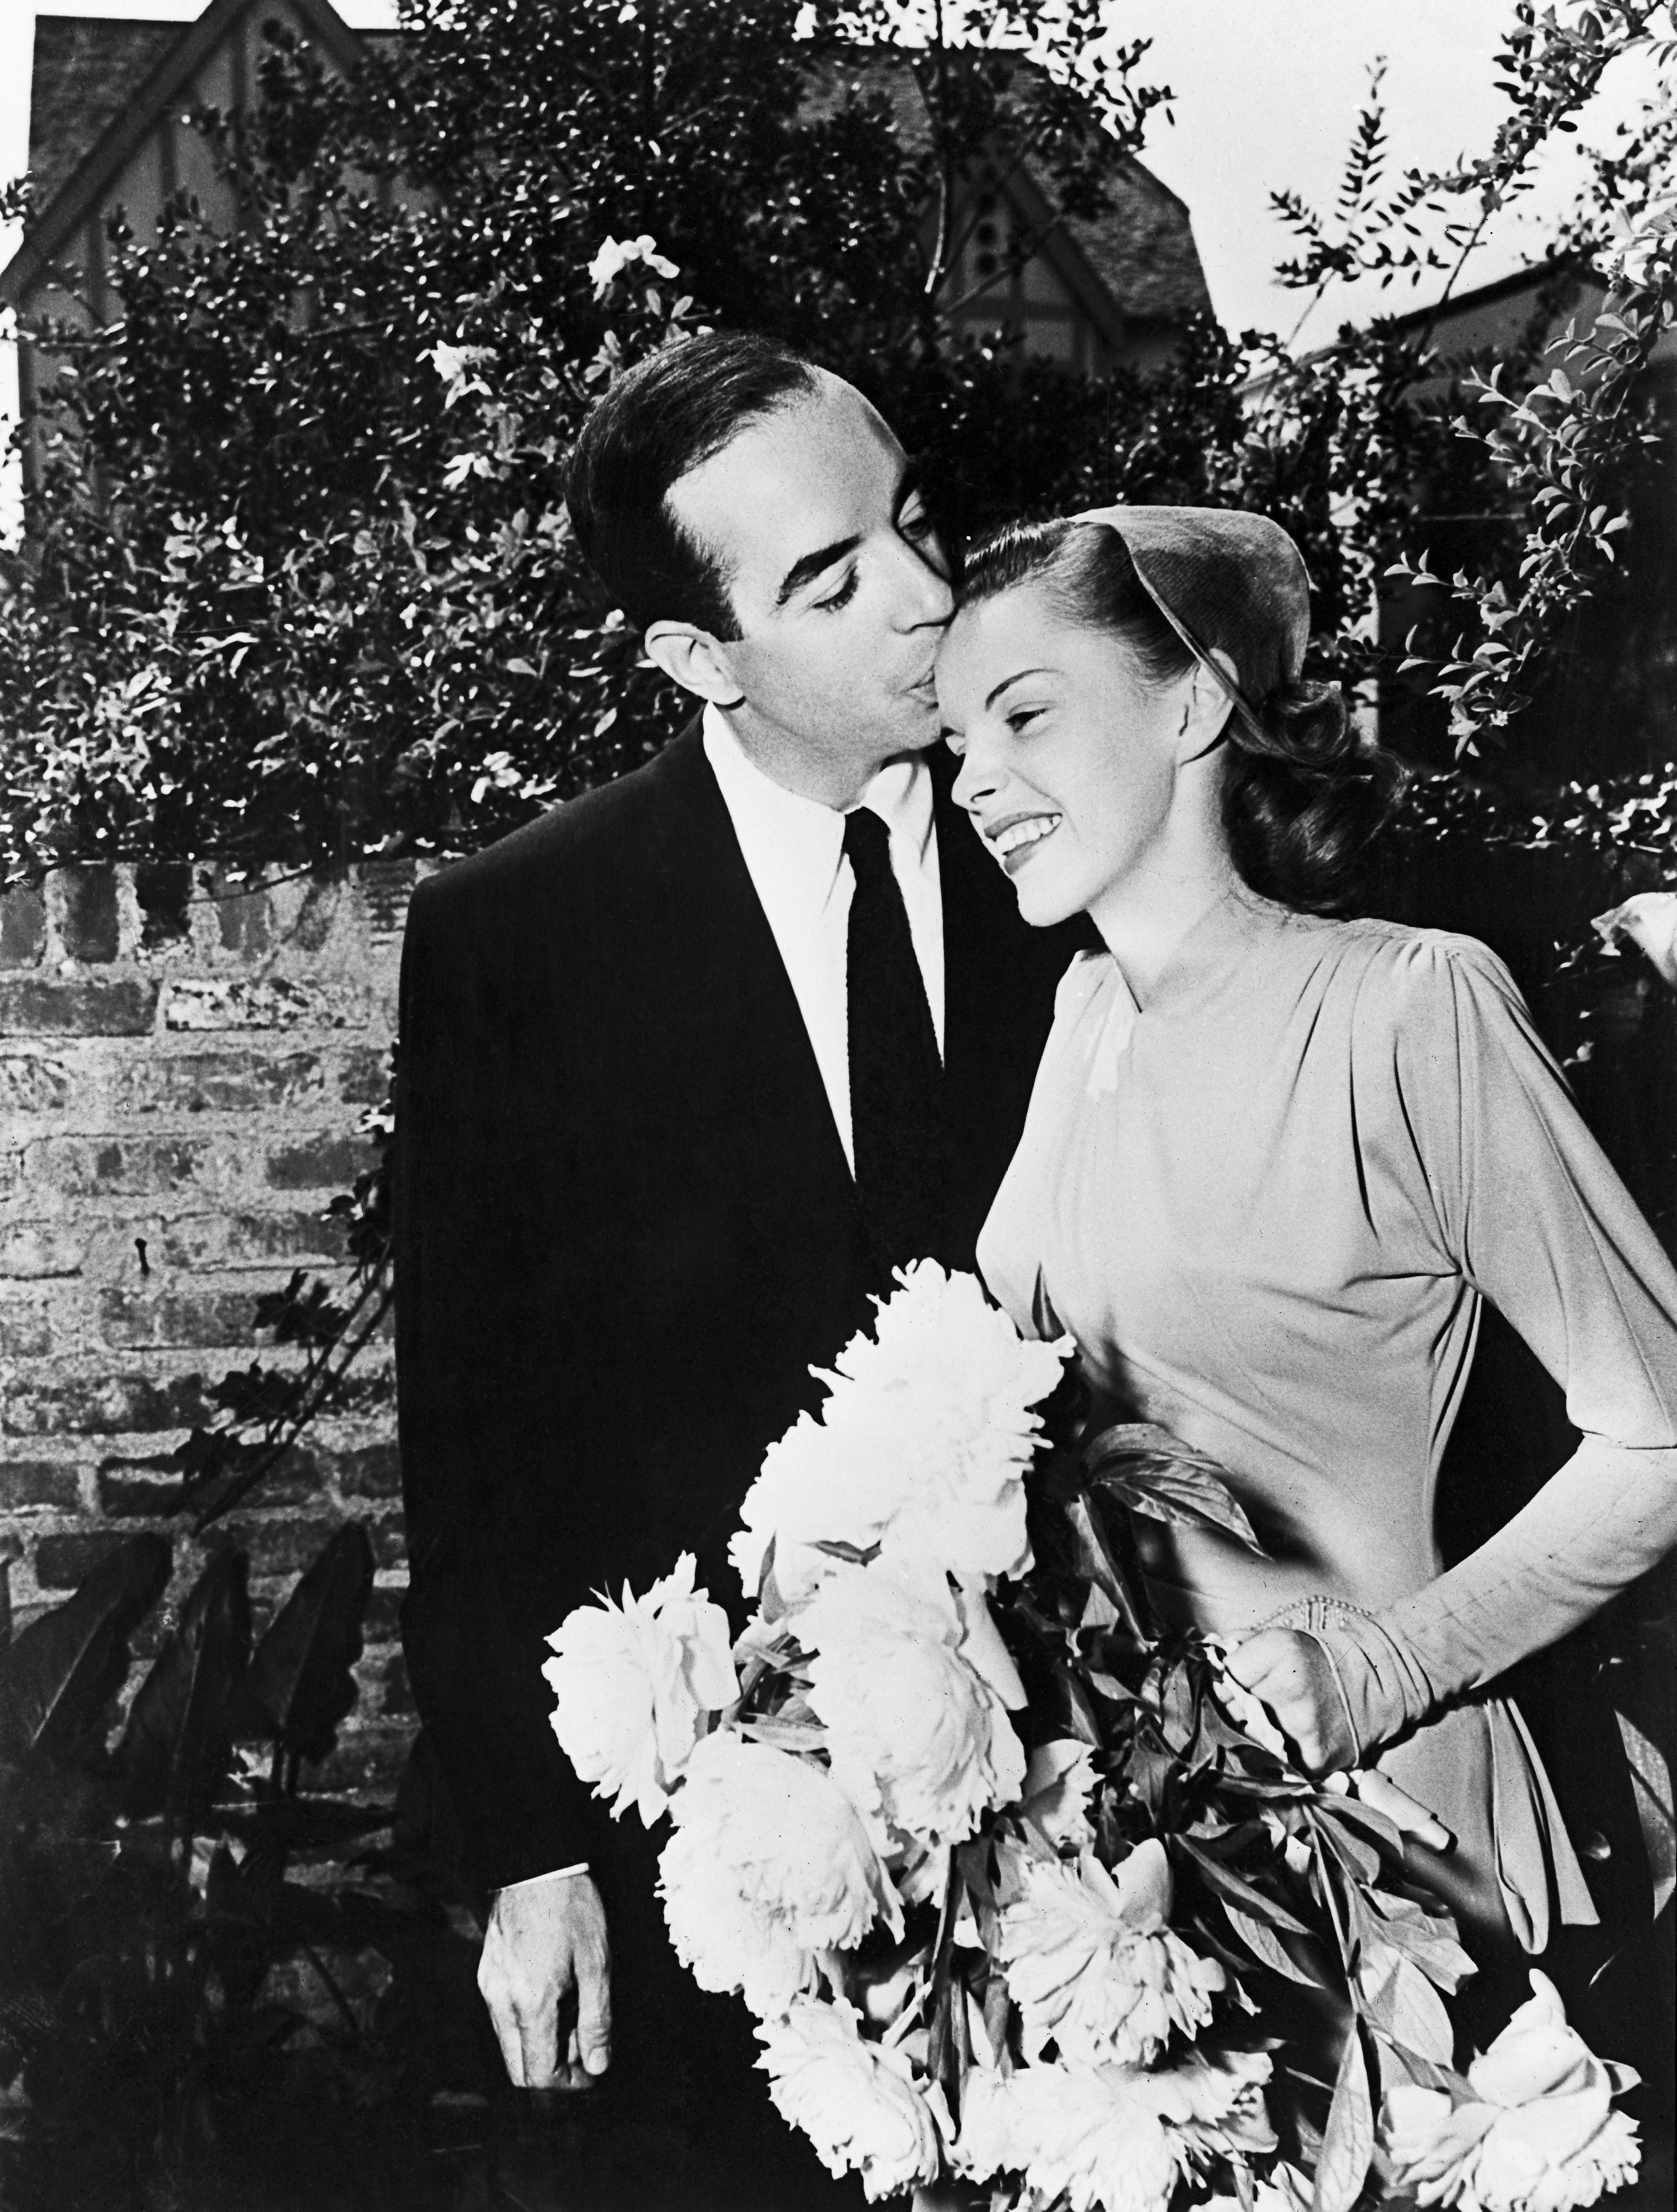 <p><strong>Джуди Гарланд</strong></p>  <p>Винсънт Минели е режисьор на филма &bdquo;Да се срещнем в Сейнт Луис&ldquo; - един от най-известните филми на Джуди Гарланд. По-късно двамата се женят - на 15 юни 1945 г., точно след 23-ия рожден ден на актрисата. От брака си имат една дъщеря - Лайза Минели. През 1951 г. се развеждат.</p>